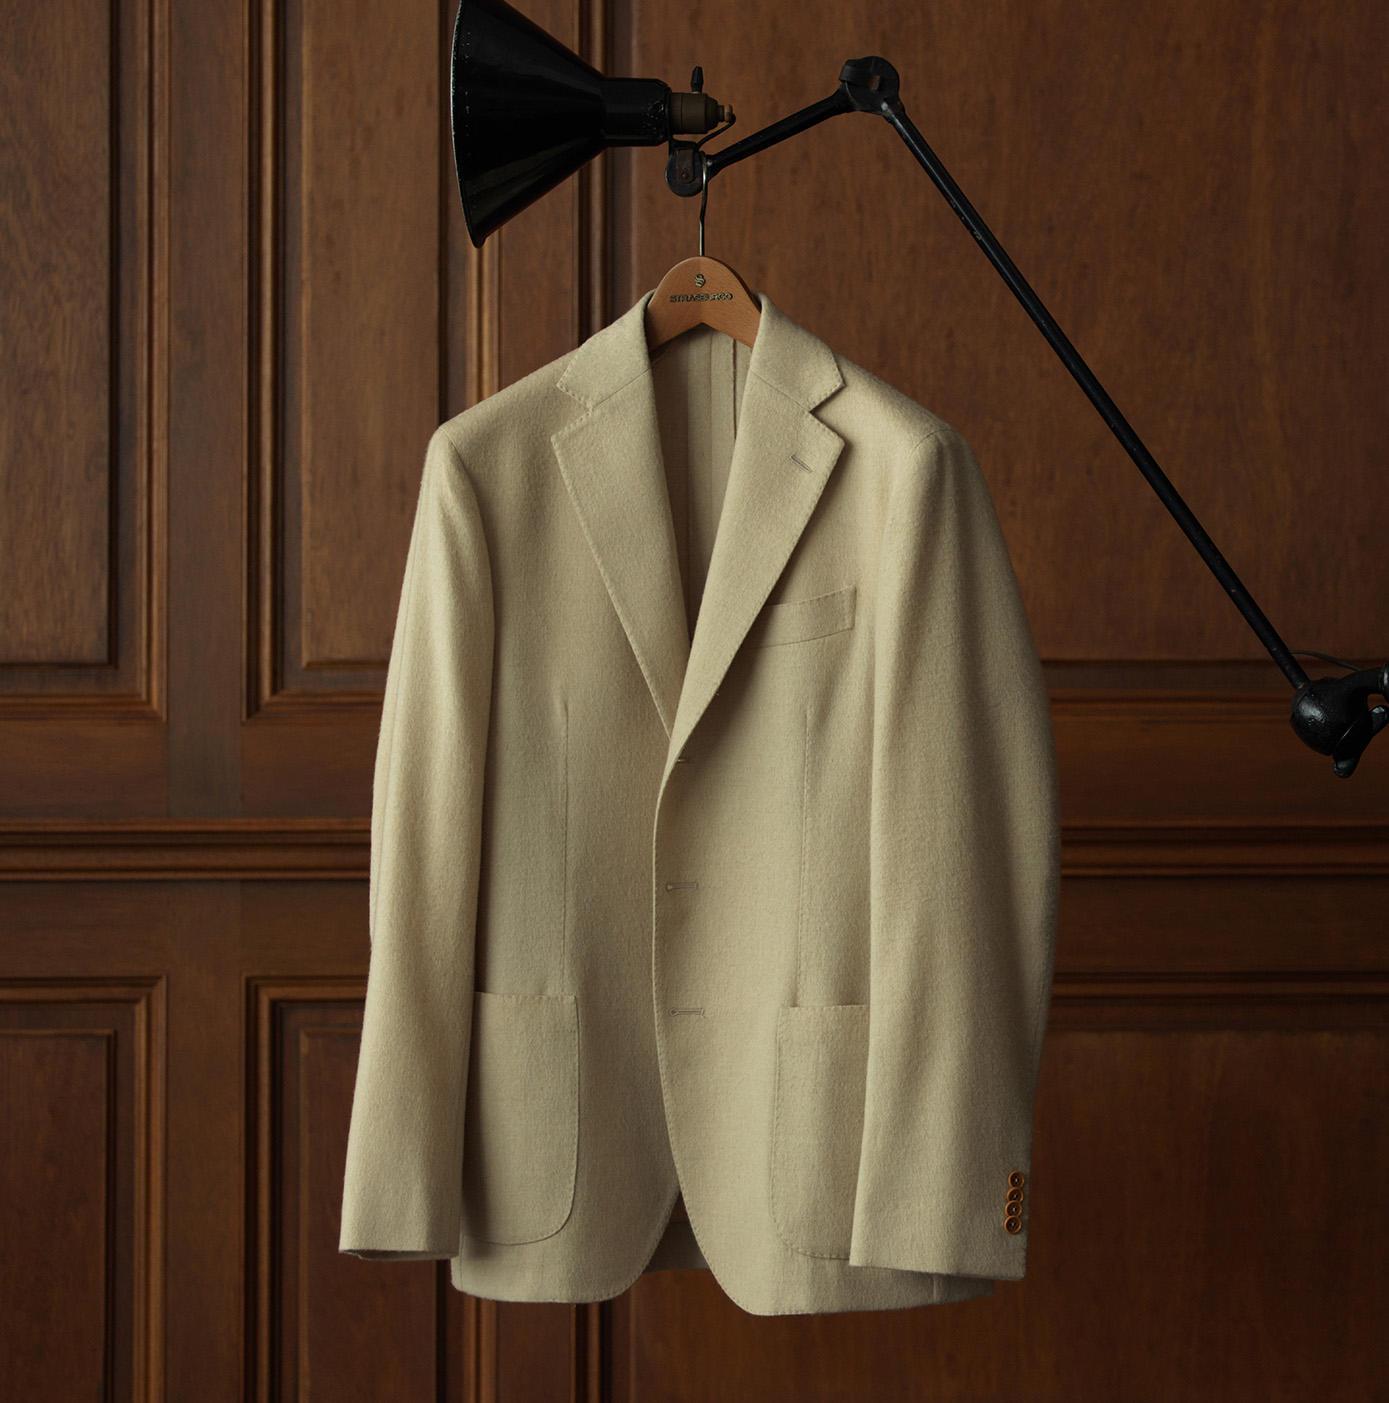 キャメルカラーの優雅なコートが男の心に潜む洒落心を呼び覚ます